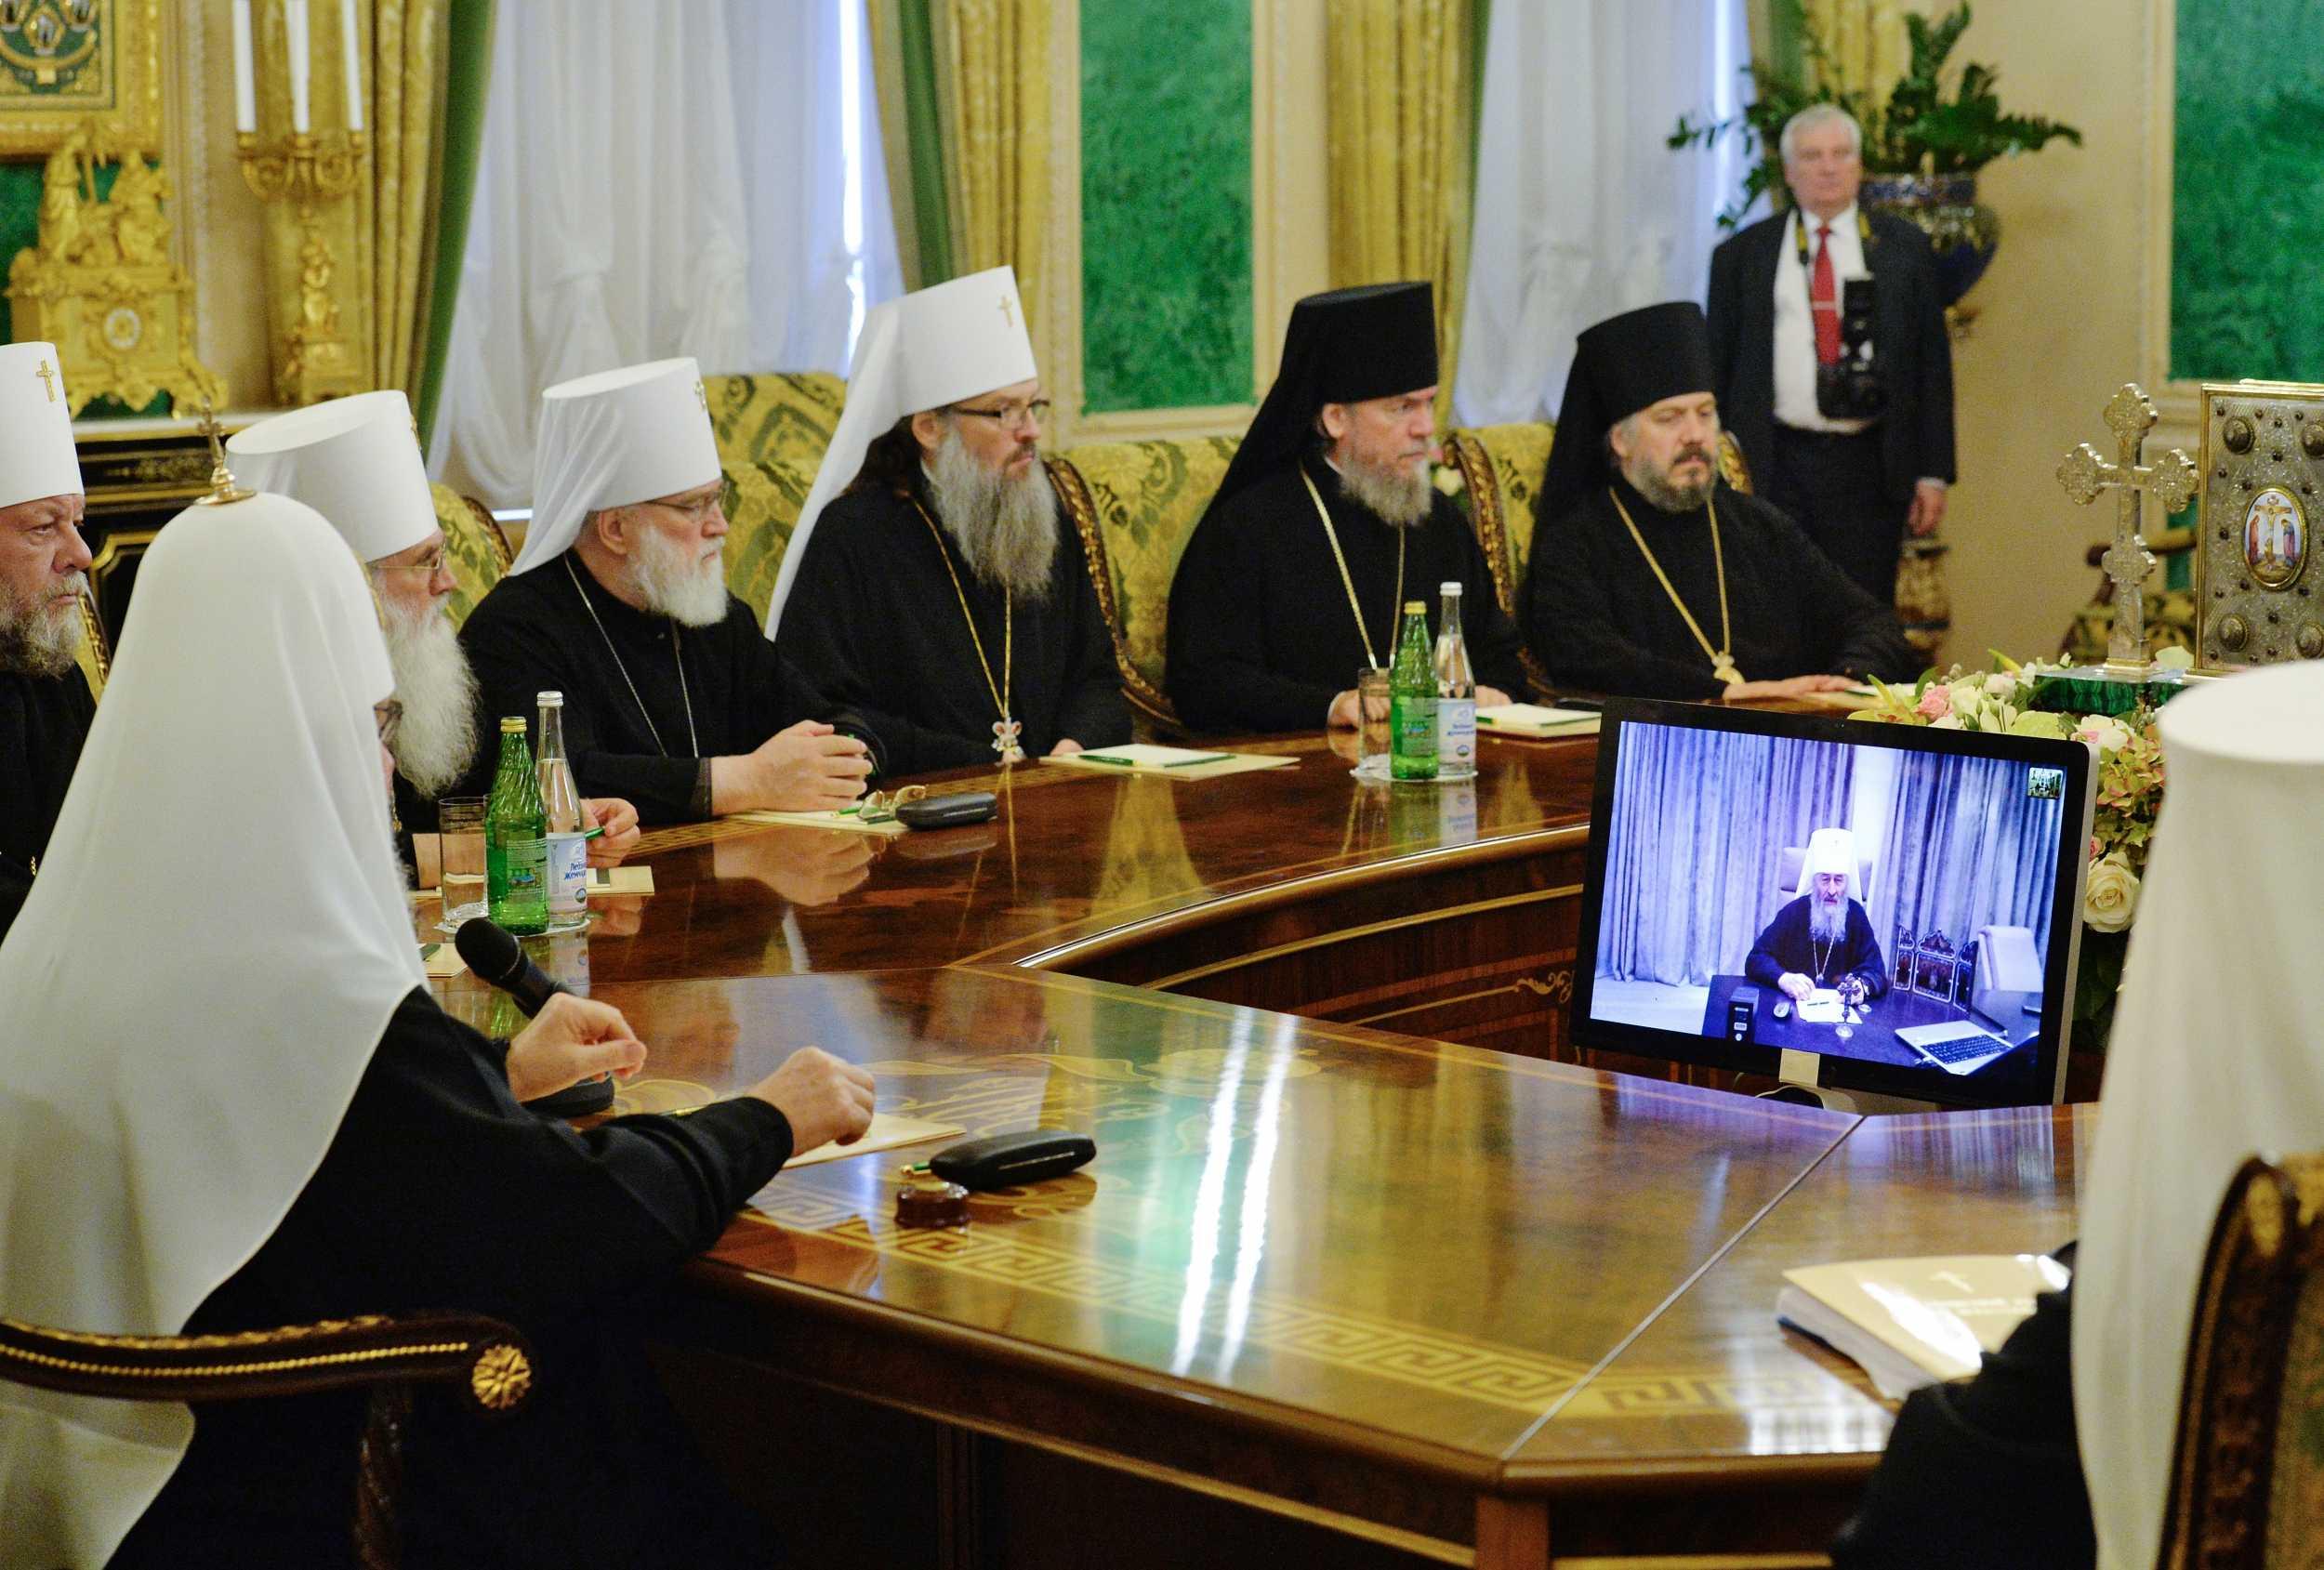 Патриарх Кирилл: «Происходящее на Украине является зеркальным отображением того что имело место в начале 20 века в России» (14.09.18)